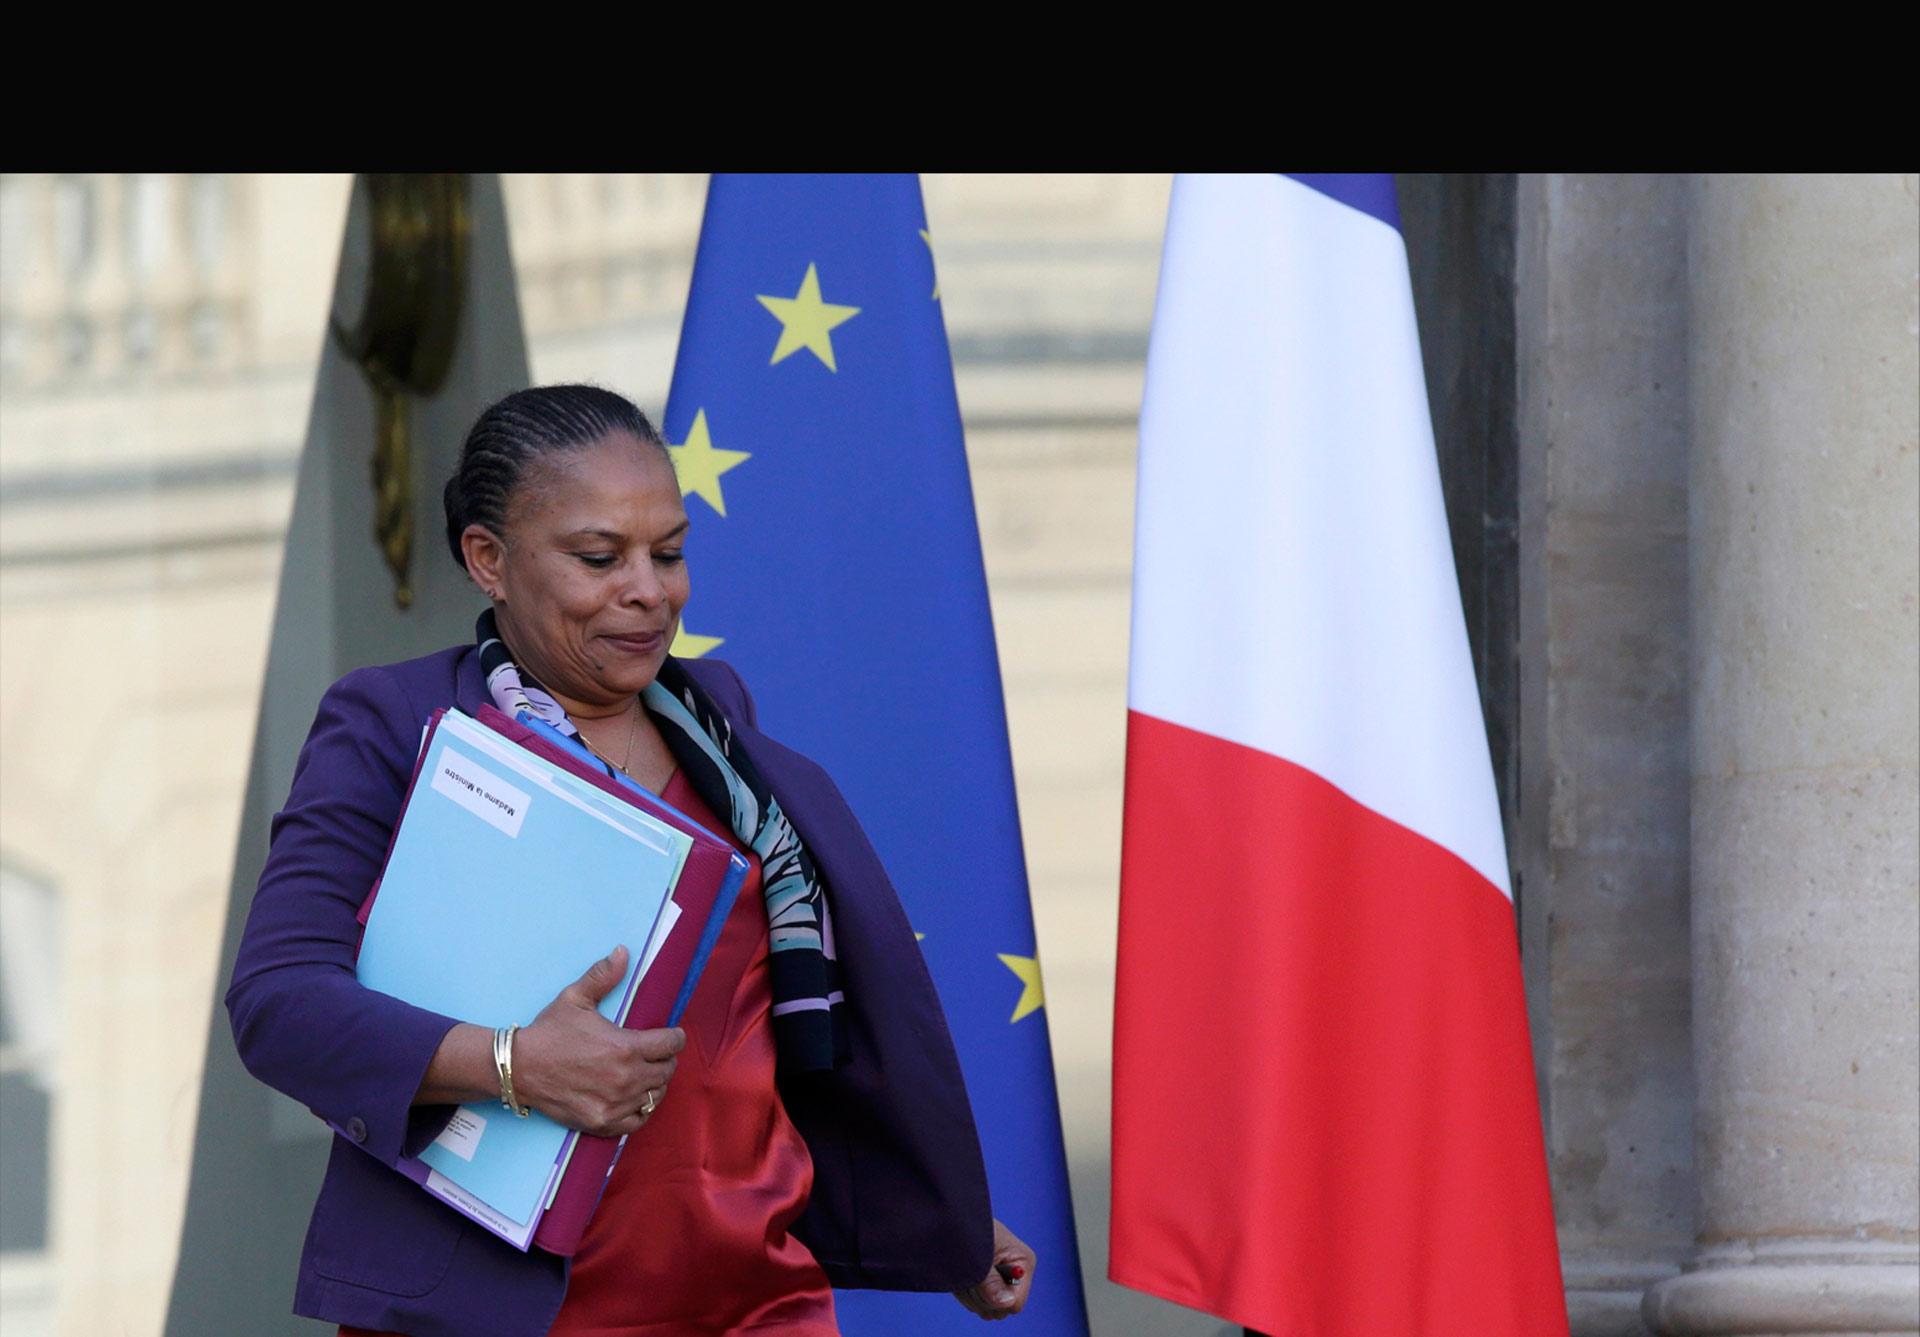 La funcionaria se separó del cargo este miércoles, al comenzar el debate del día en el Parlamento